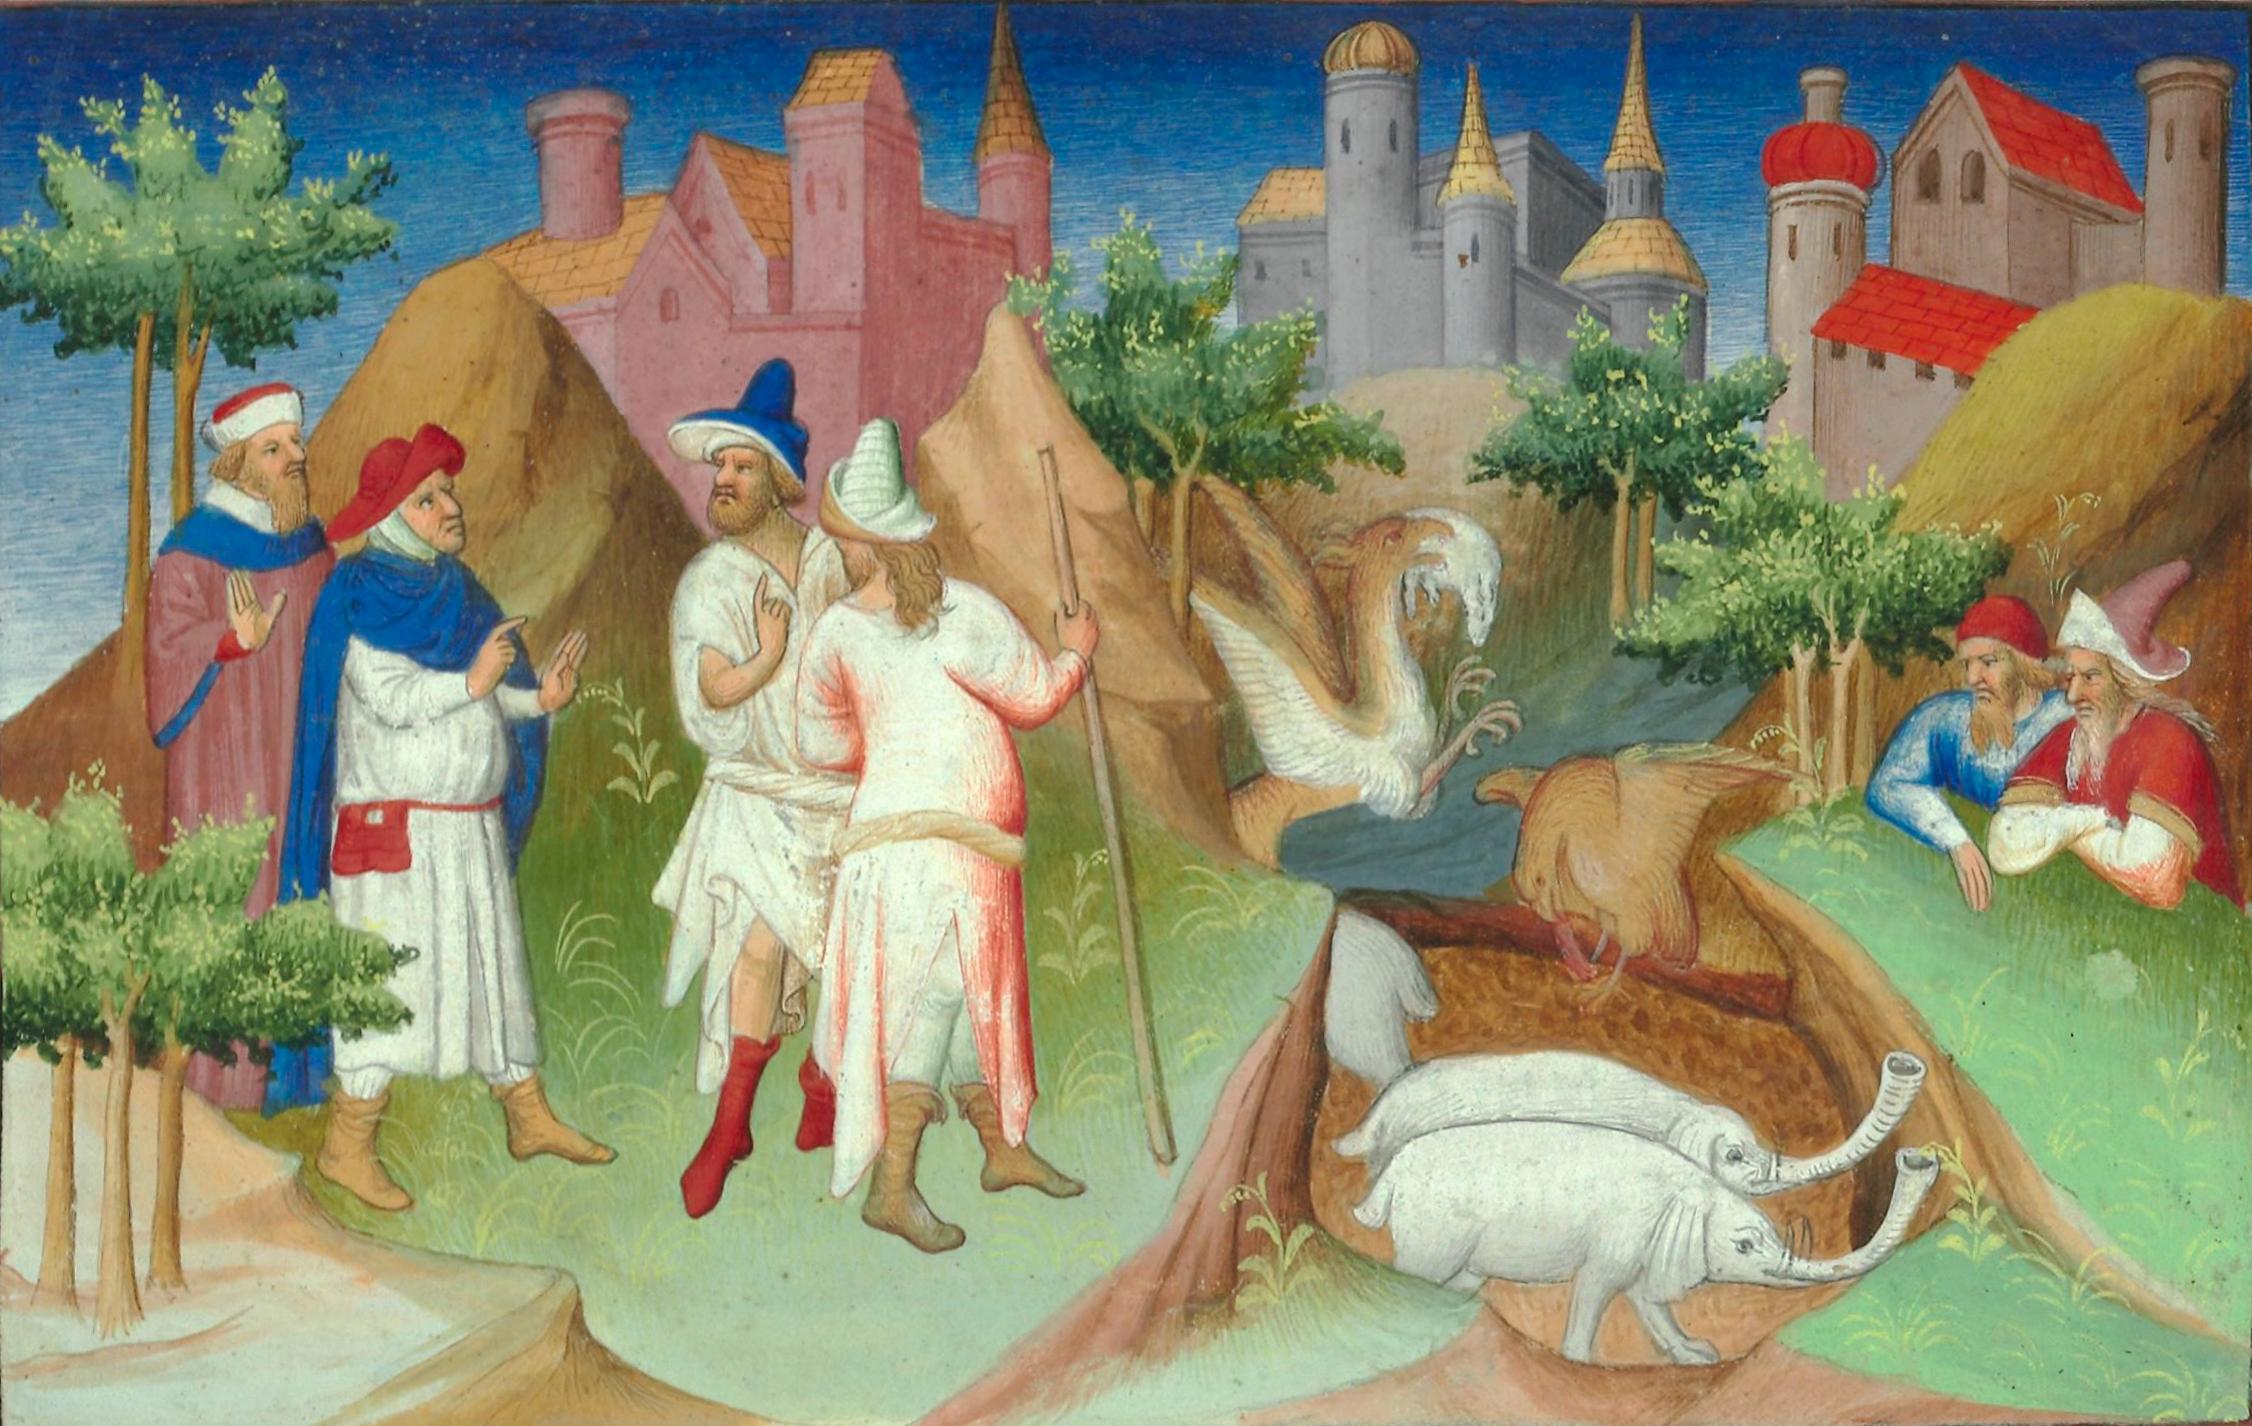 СВОИ МЫРЫ.Marco_Polo,_Livre_des_merveilles,_Fr._2810,_Tav._88_(Dettaglio_Detail)